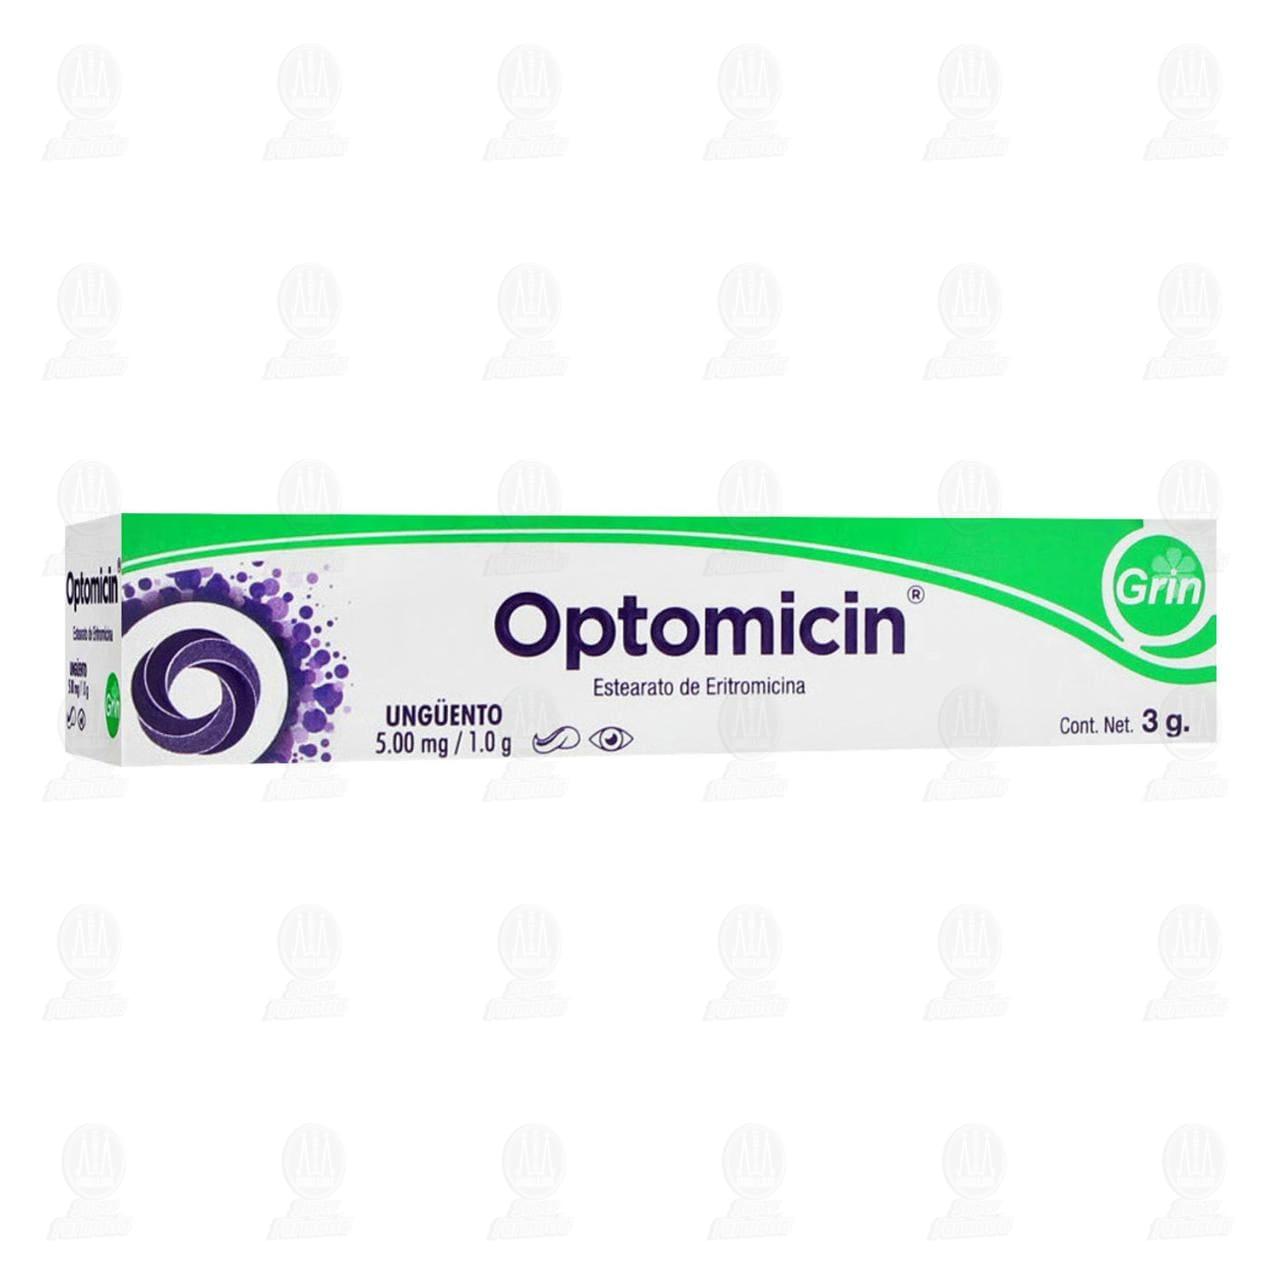 comprar https://www.movil.farmaciasguadalajara.com/wcsstore/FGCAS/wcs/products/611212_A_1280_AL.jpg en farmacias guadalajara